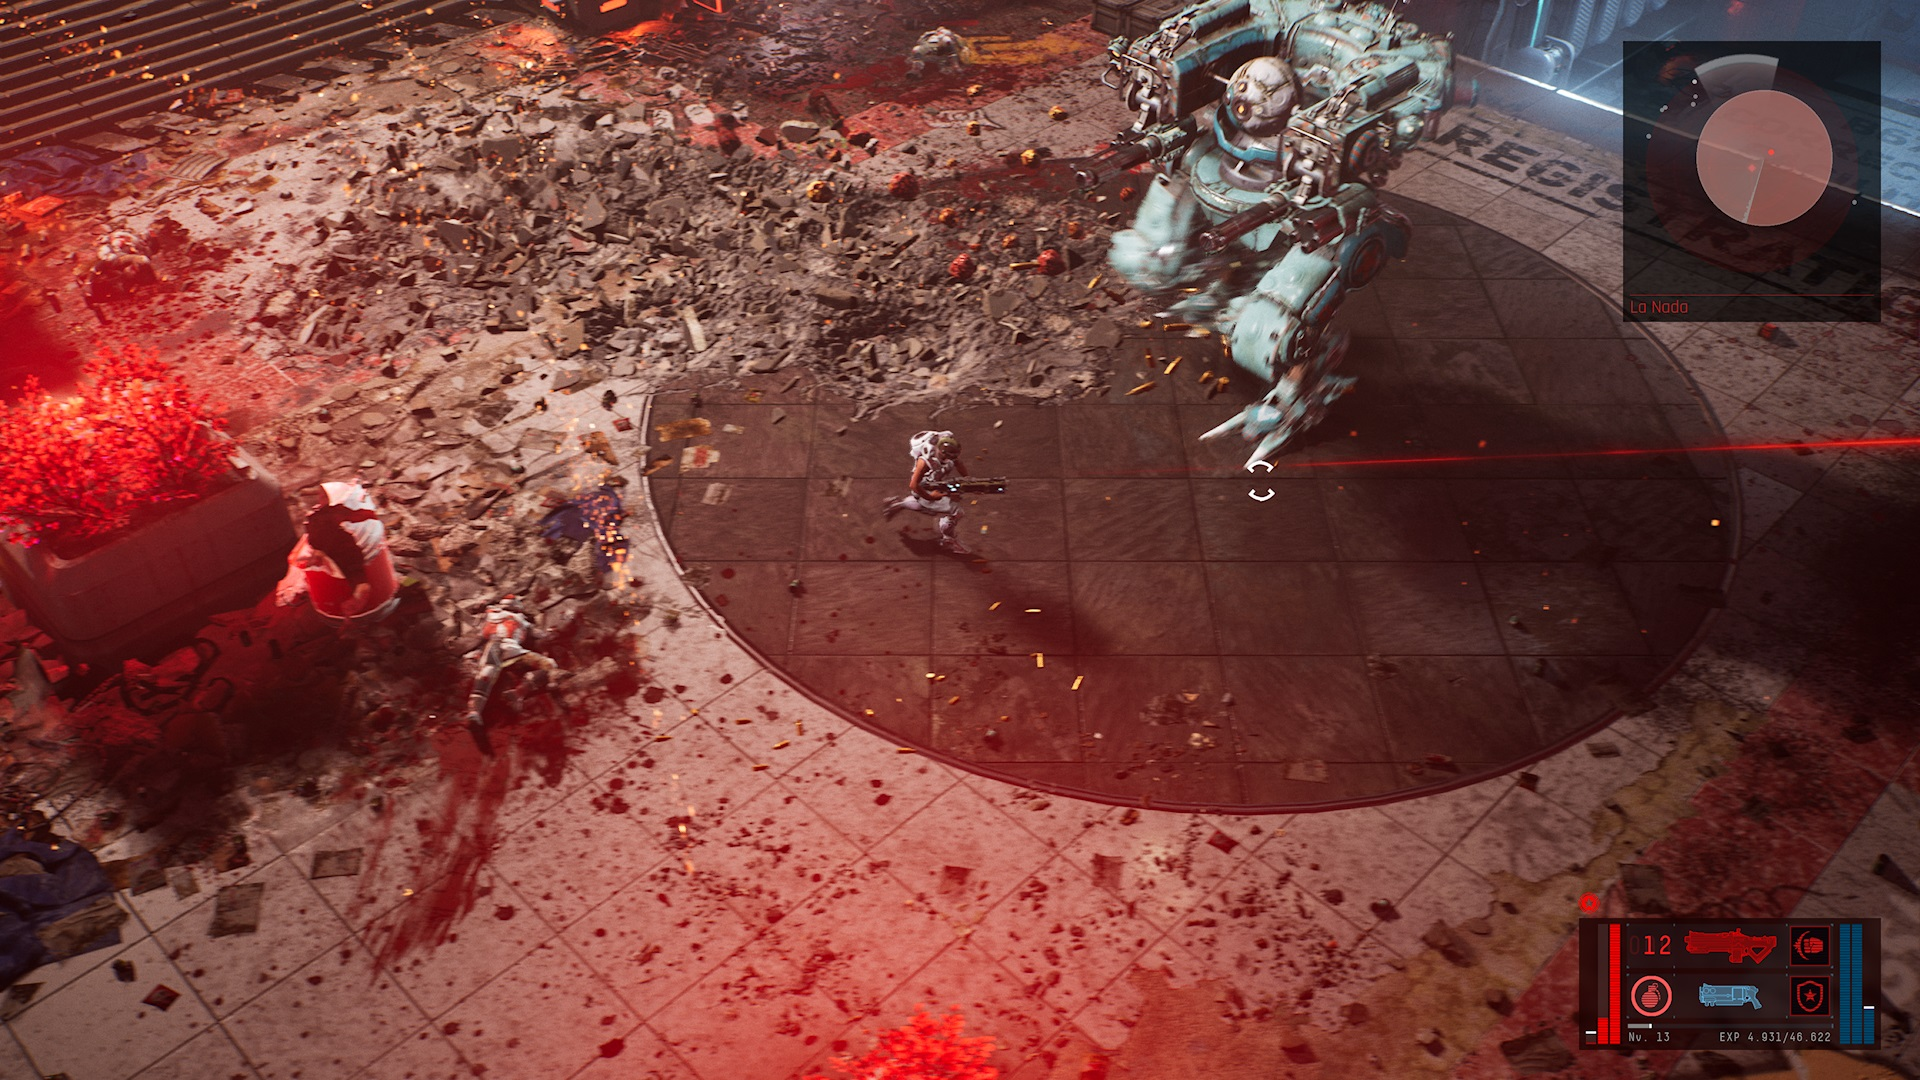 Análisis de The Ascent para Xbox Series X - The Ascent demuestra que nunca hay suficiente ambientación Cyberpunk en nuestras vidas. Toda una sorpresa de Neon Giant que os contamos en su análisis.